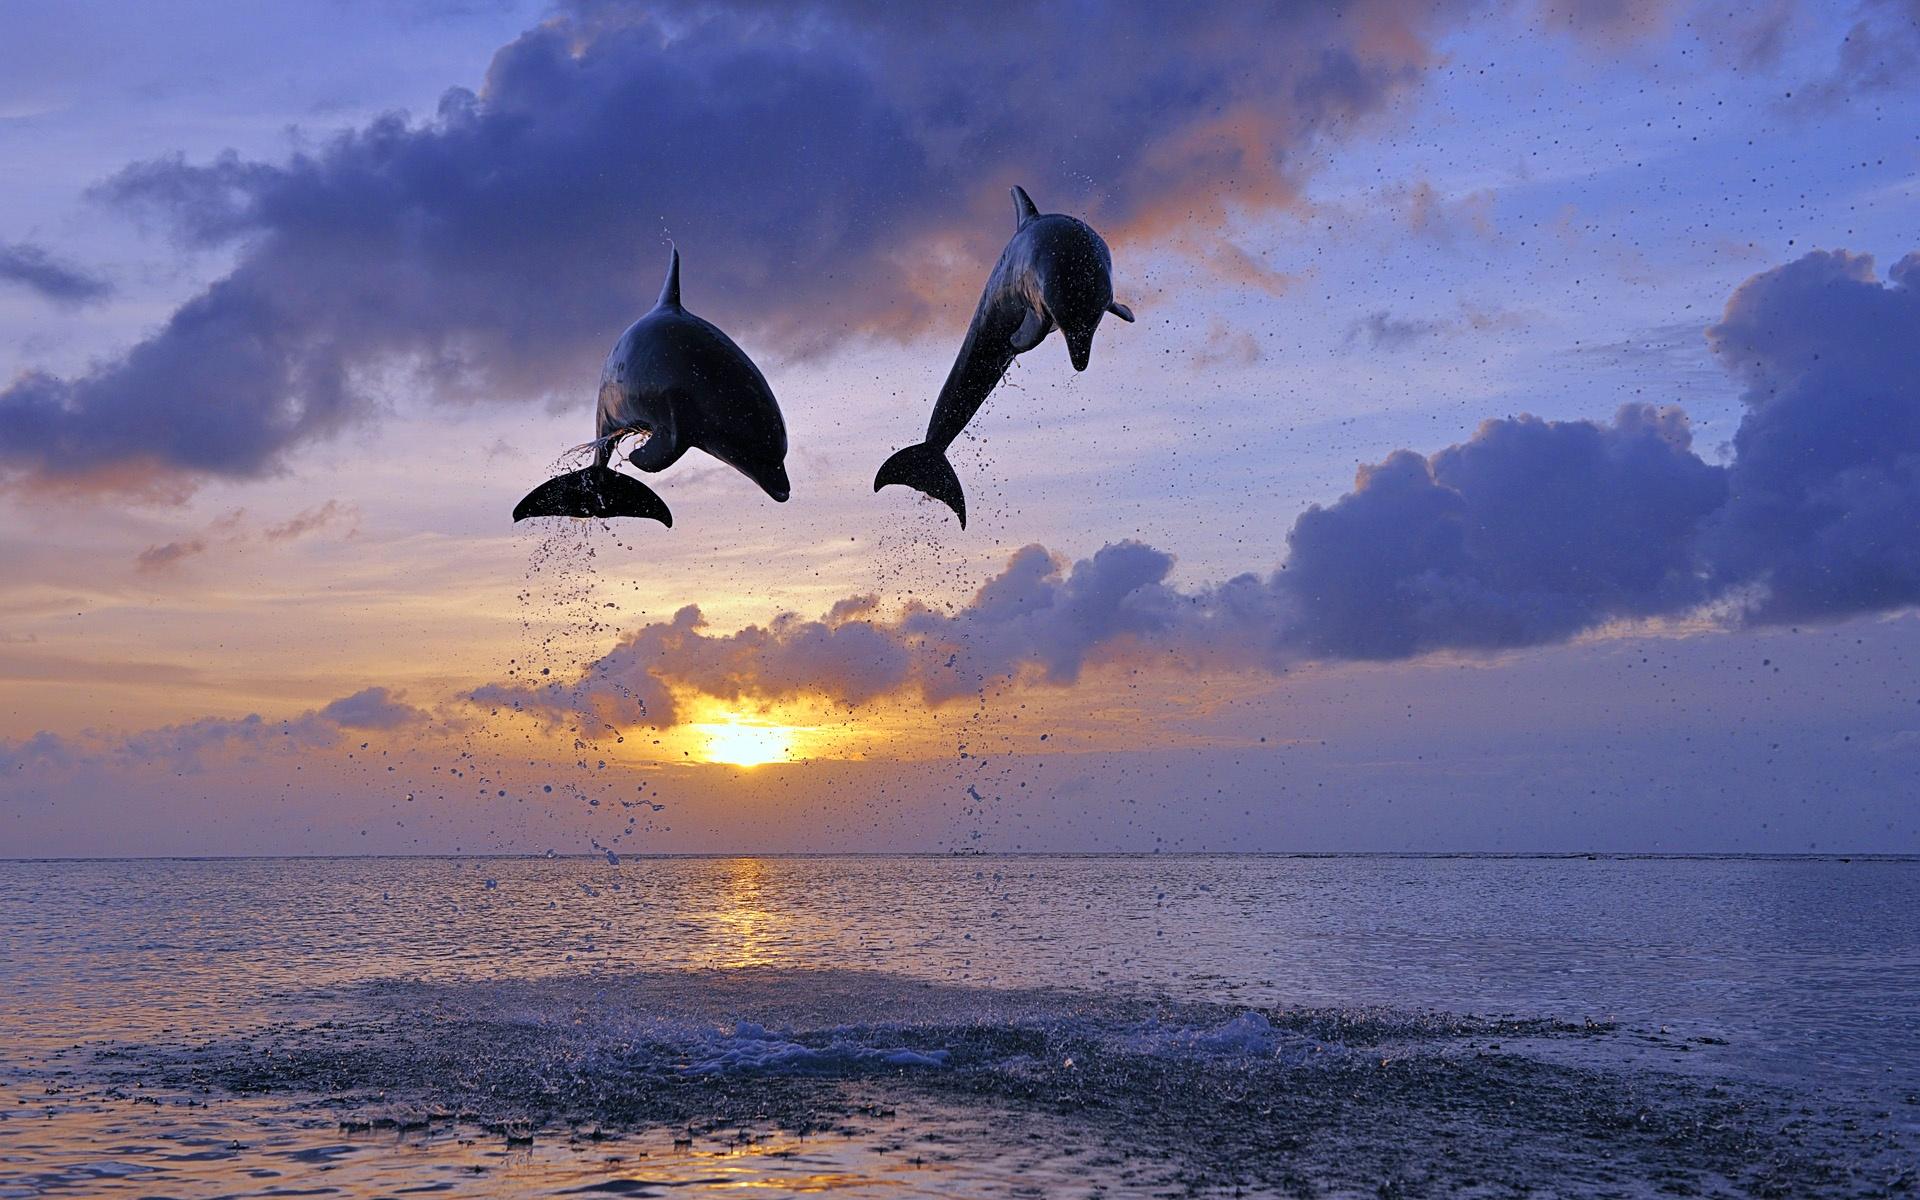 Прыжок дельфина на закат бесплатно